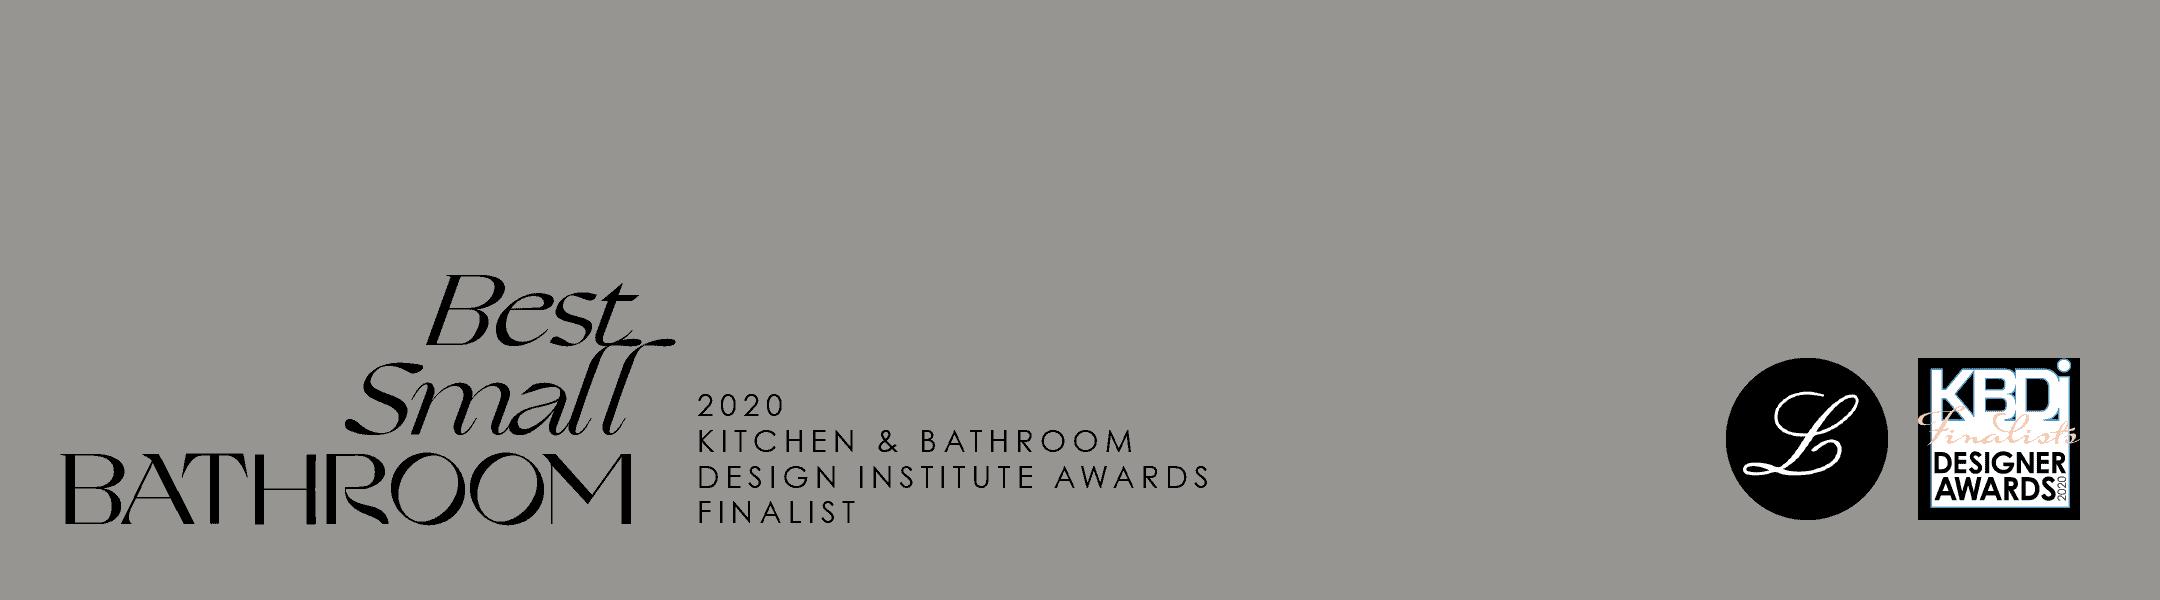 KBDi Award - Best Design Space